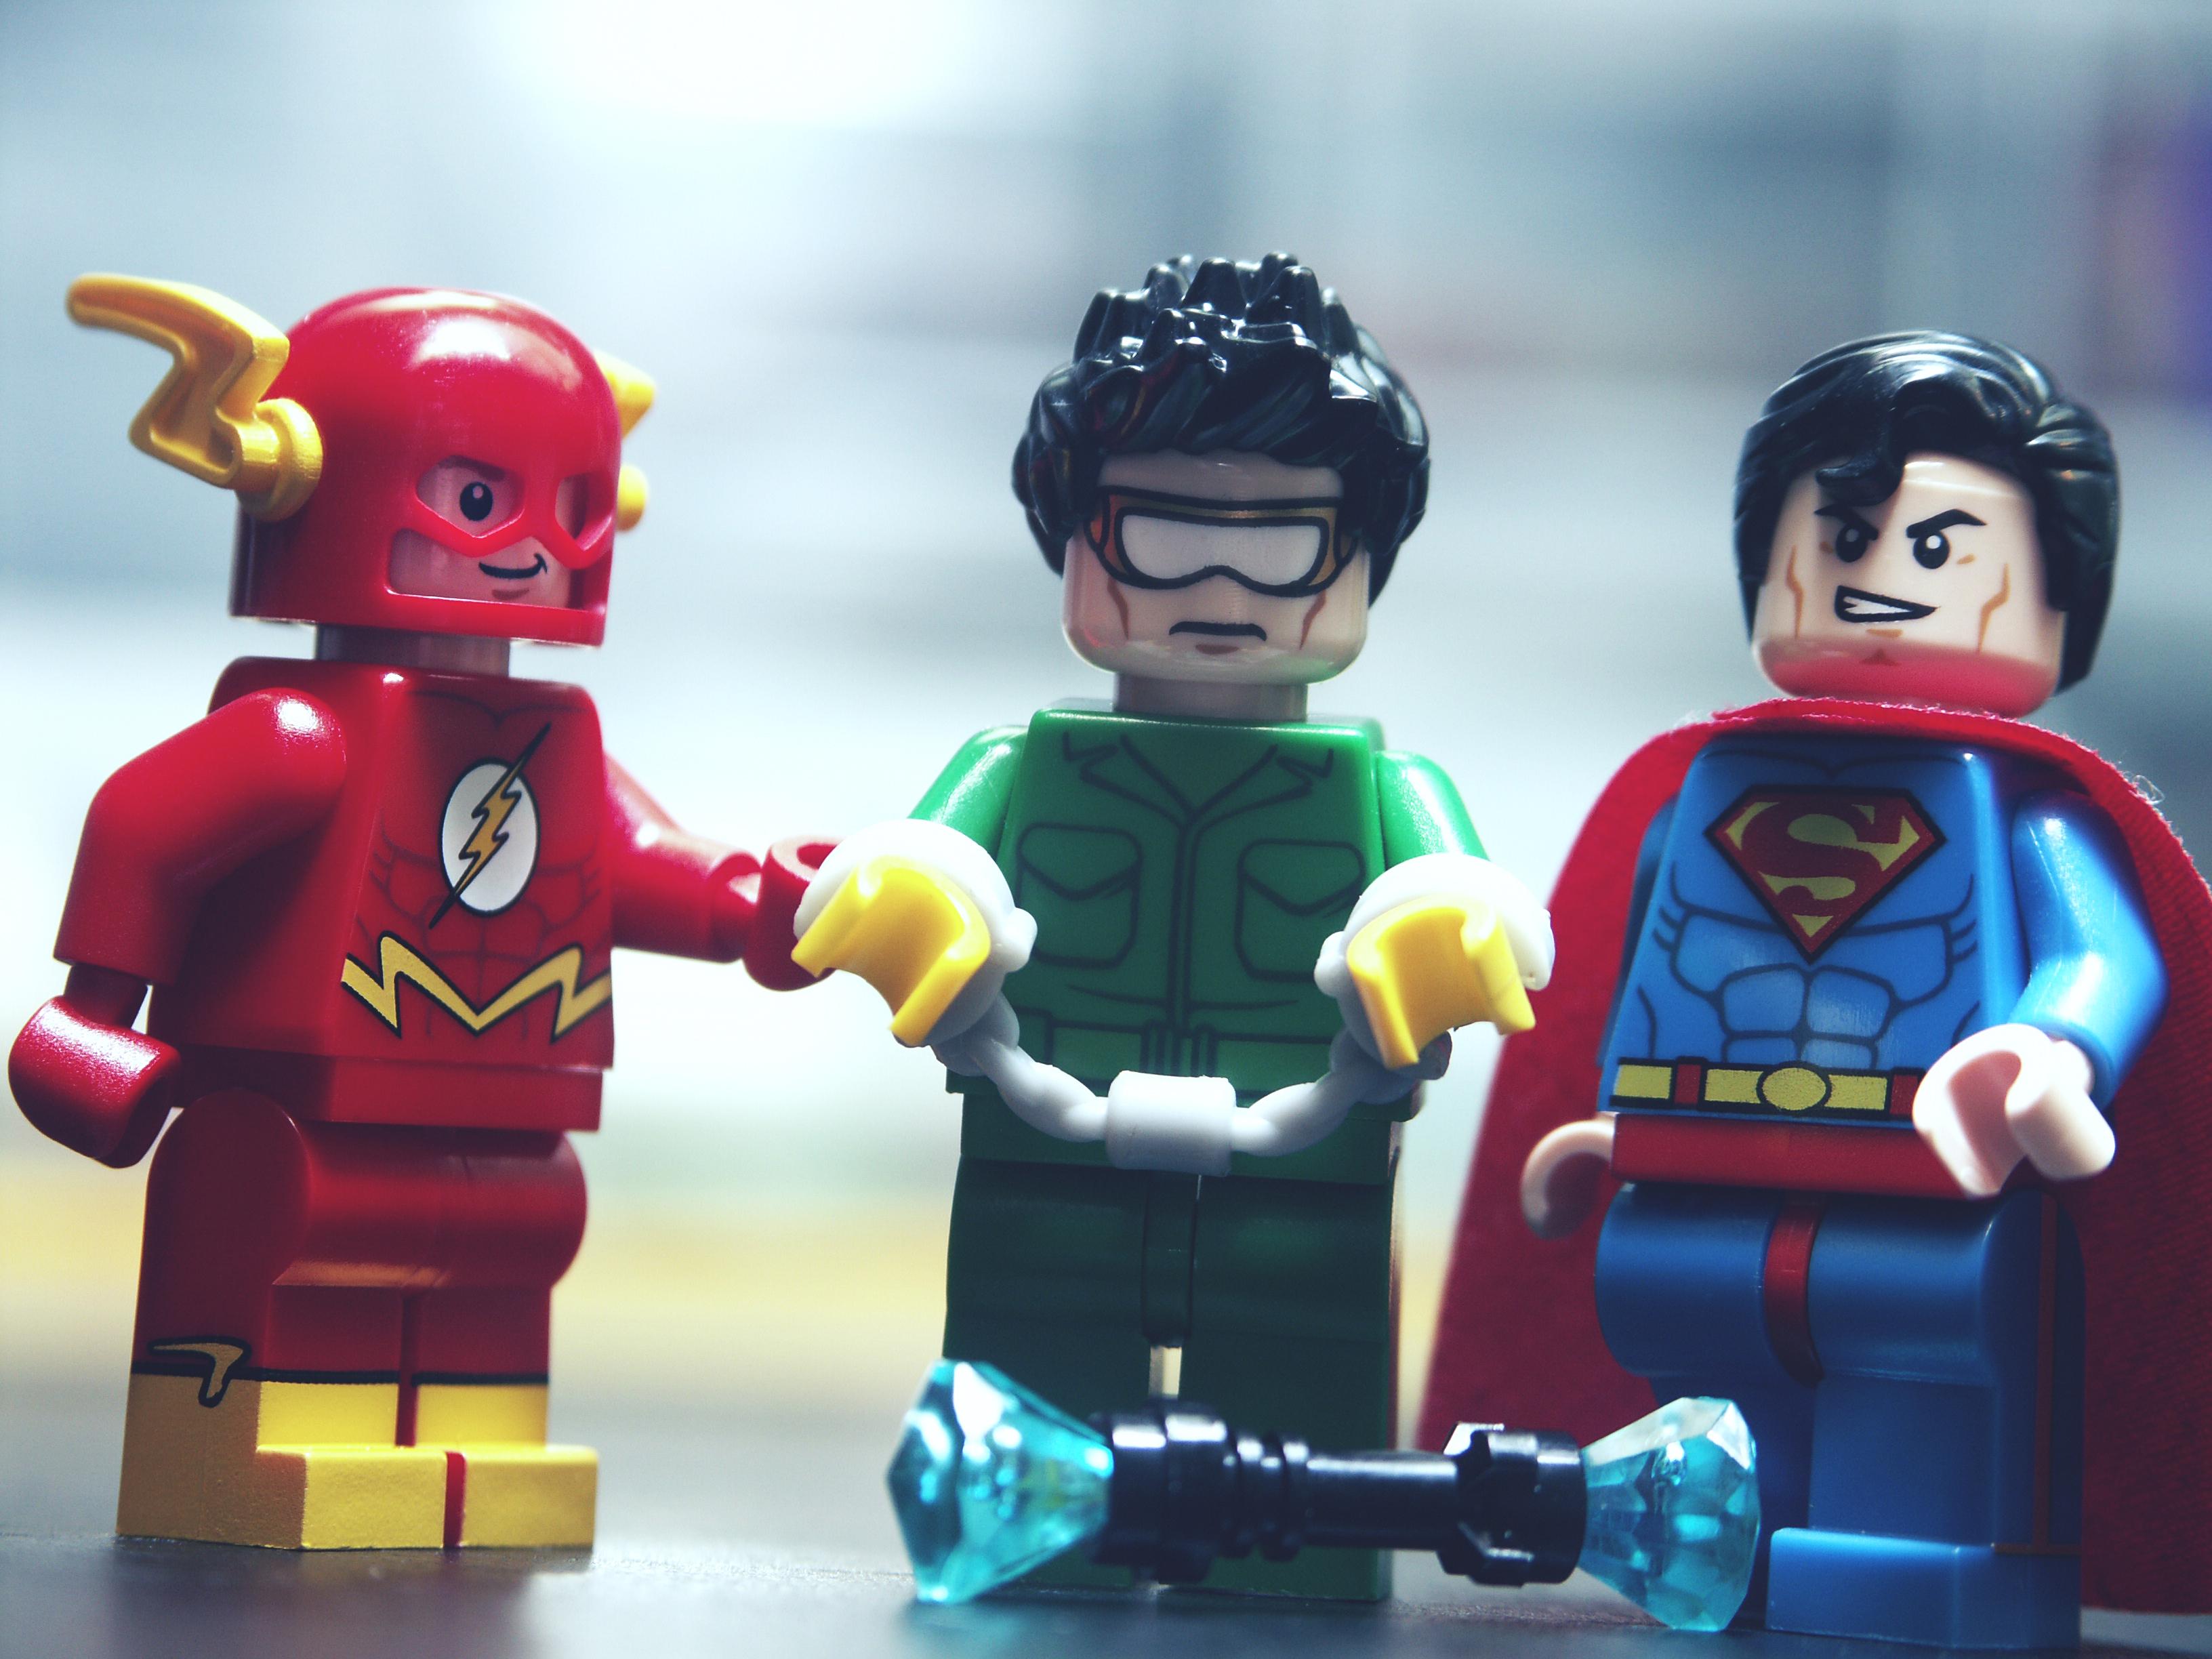 Wallpaper Macro Comics Dc Lego Superman Minifig Dccomics